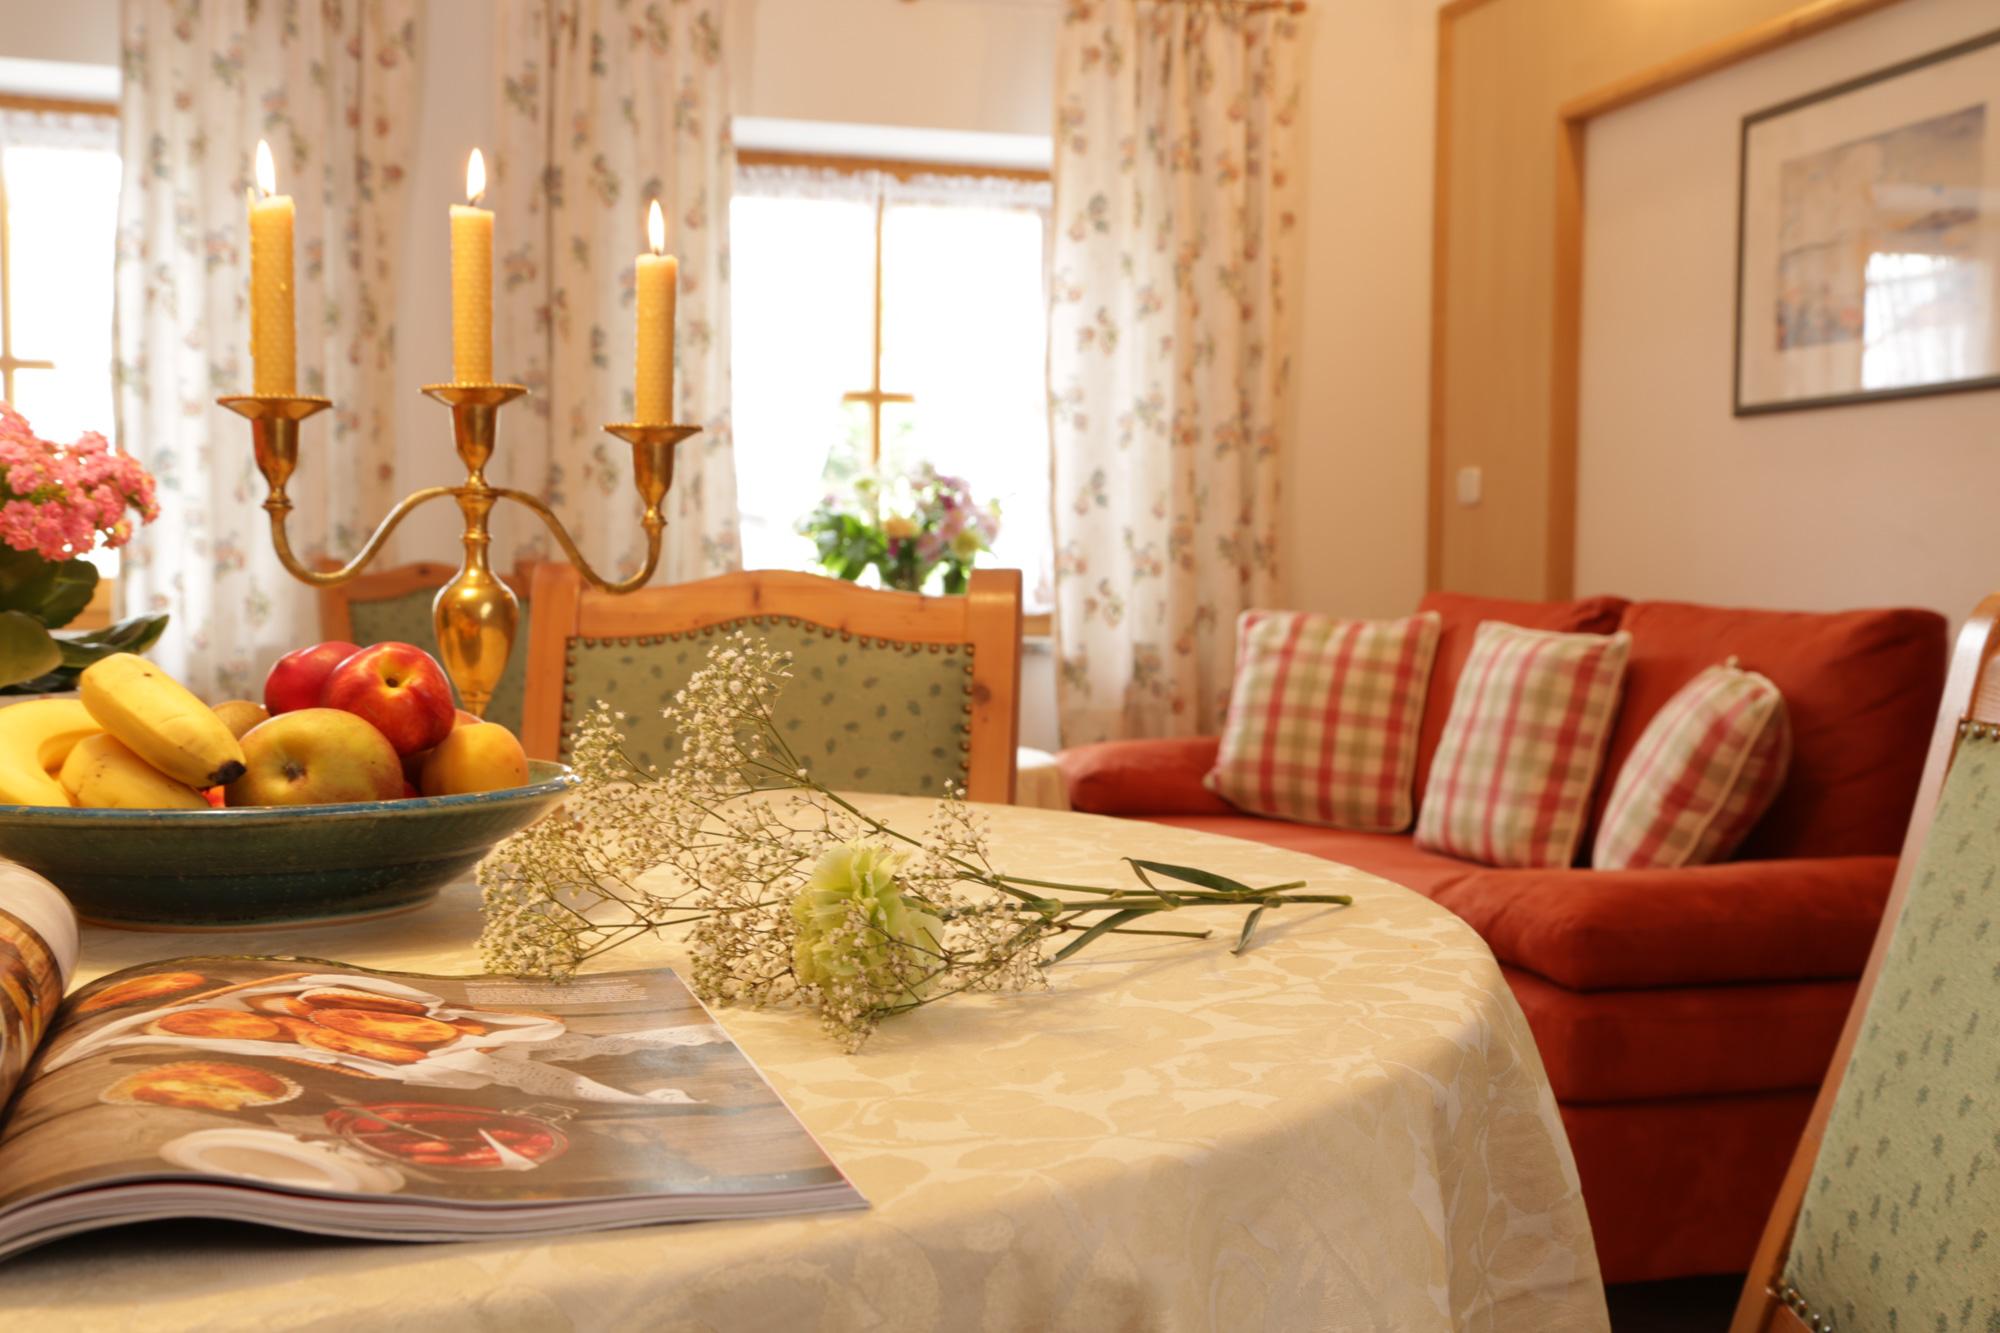 pension zimmer und ferienwohnung lindlweberhof in rosenheim. Black Bedroom Furniture Sets. Home Design Ideas